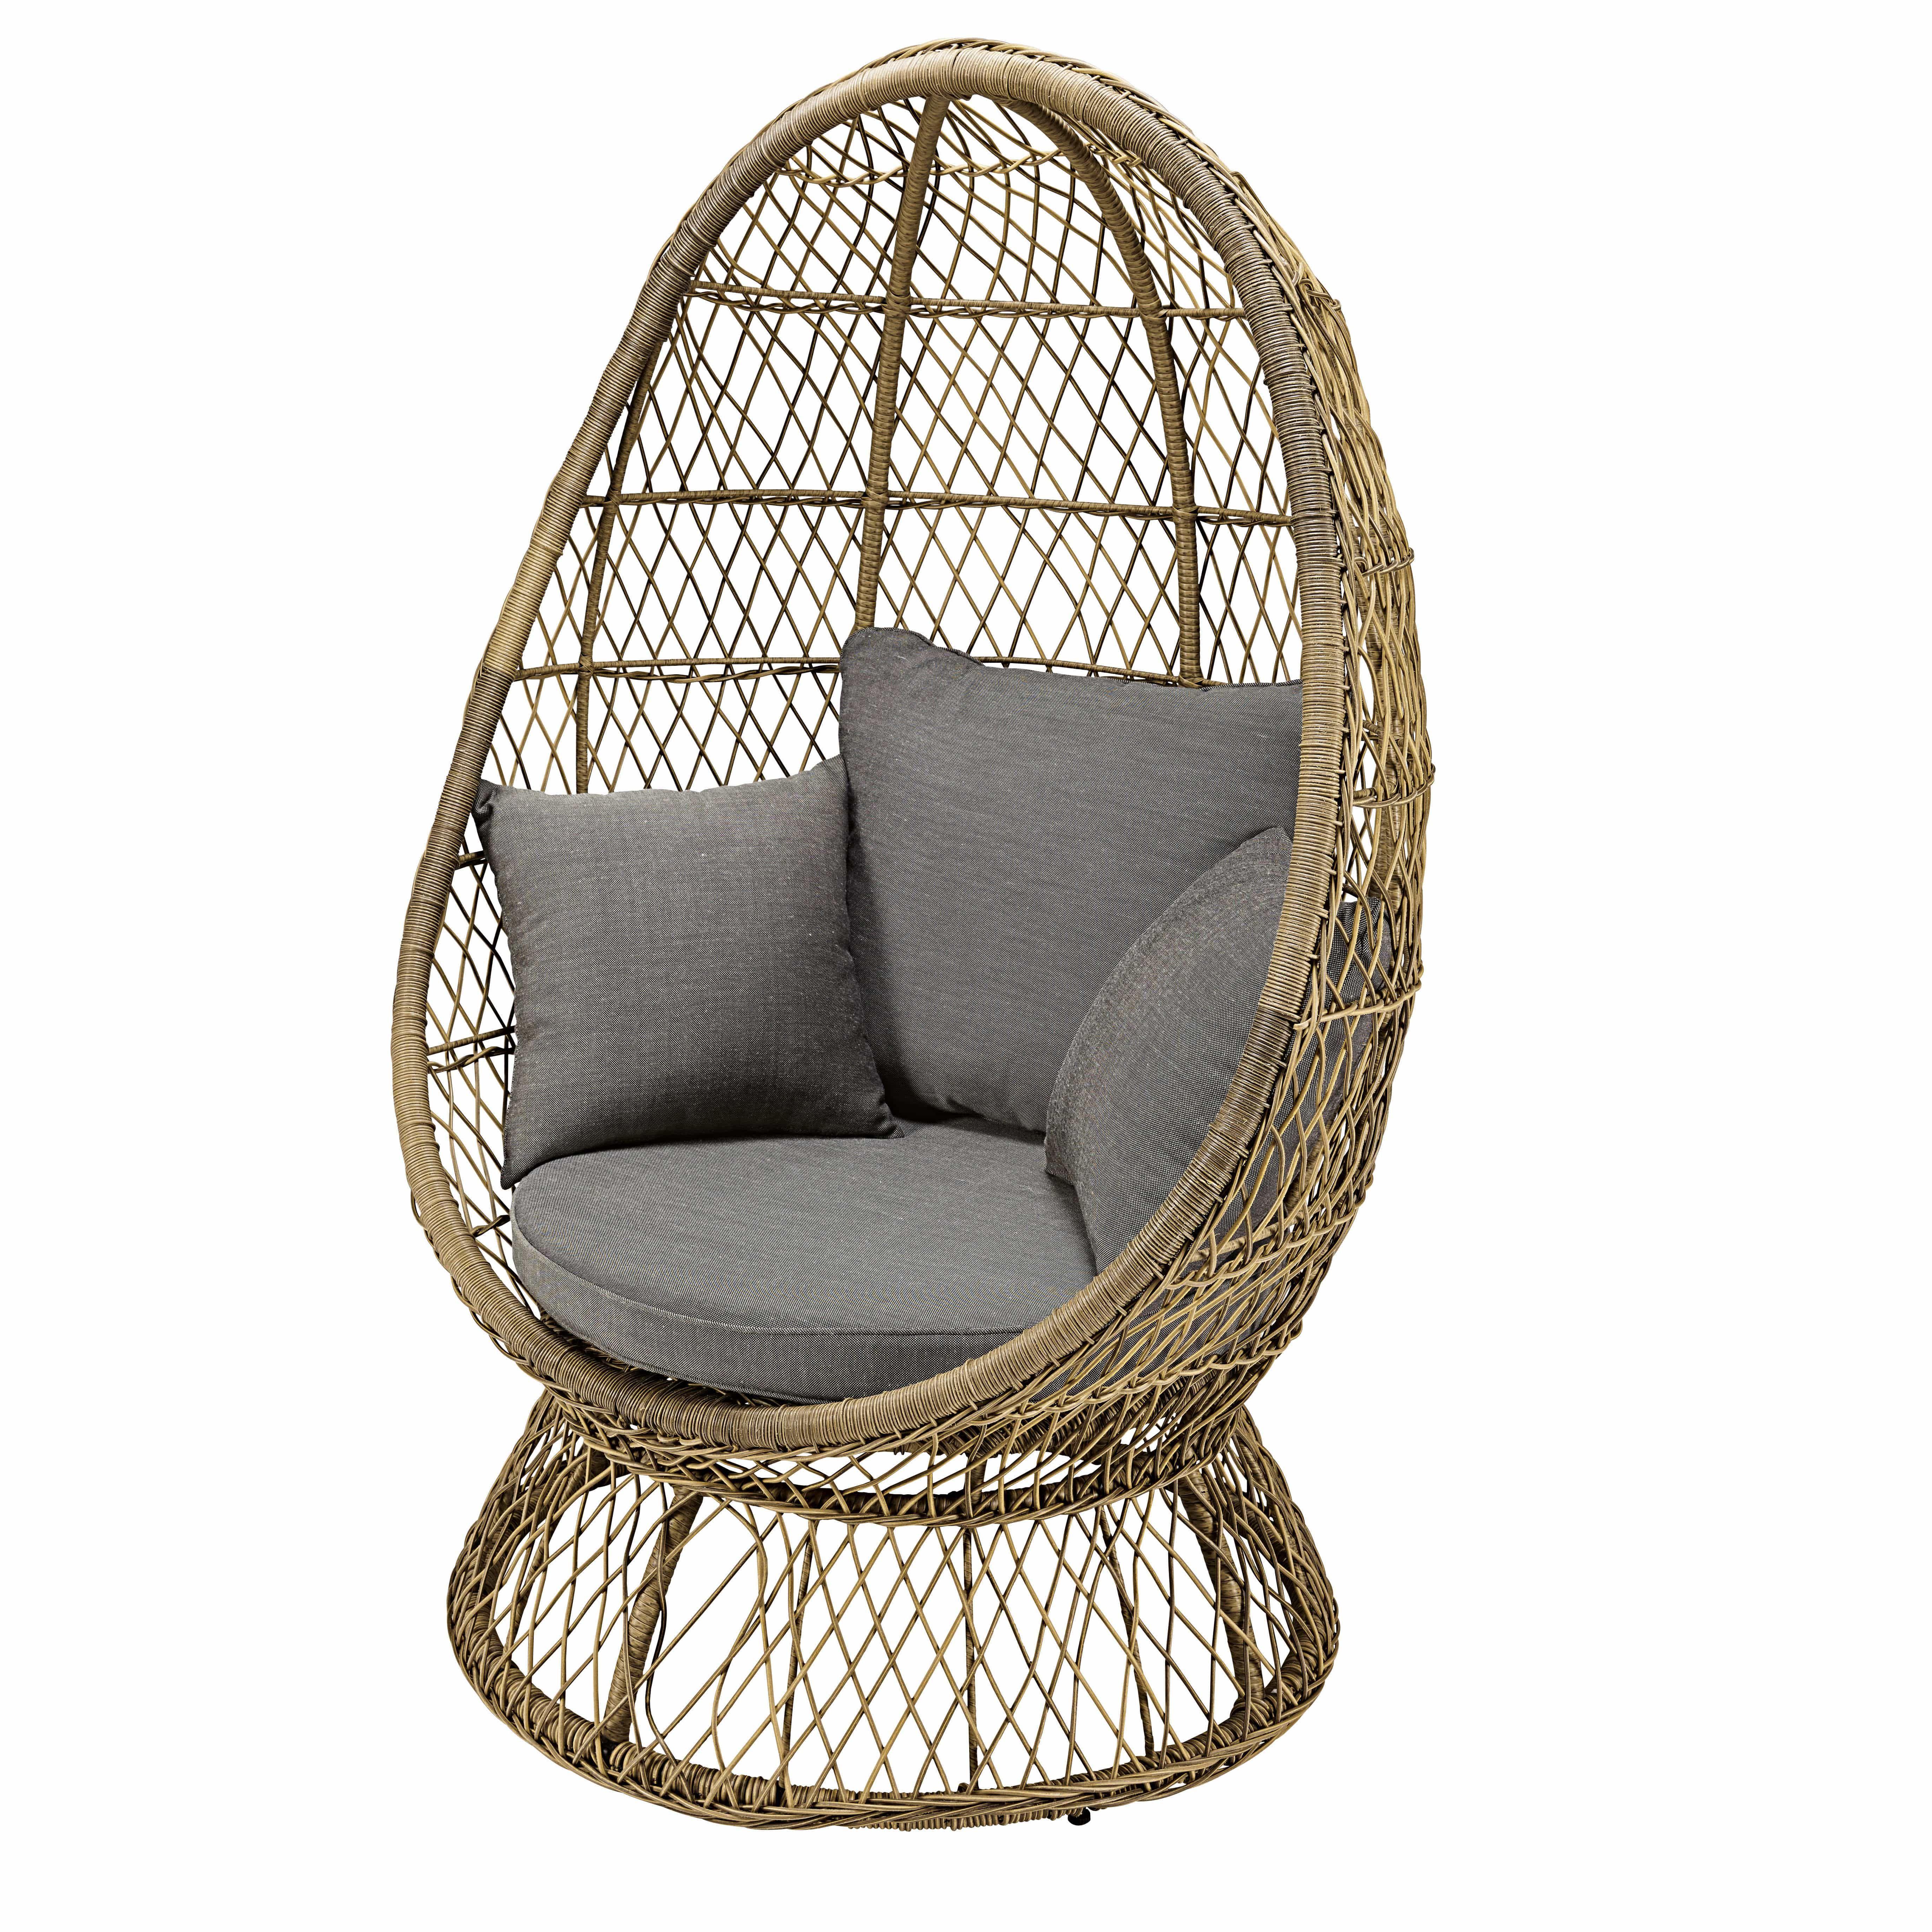 Dai un'occhiata ai nostri mobili e oggetti decorativi e. Pin On For The Home